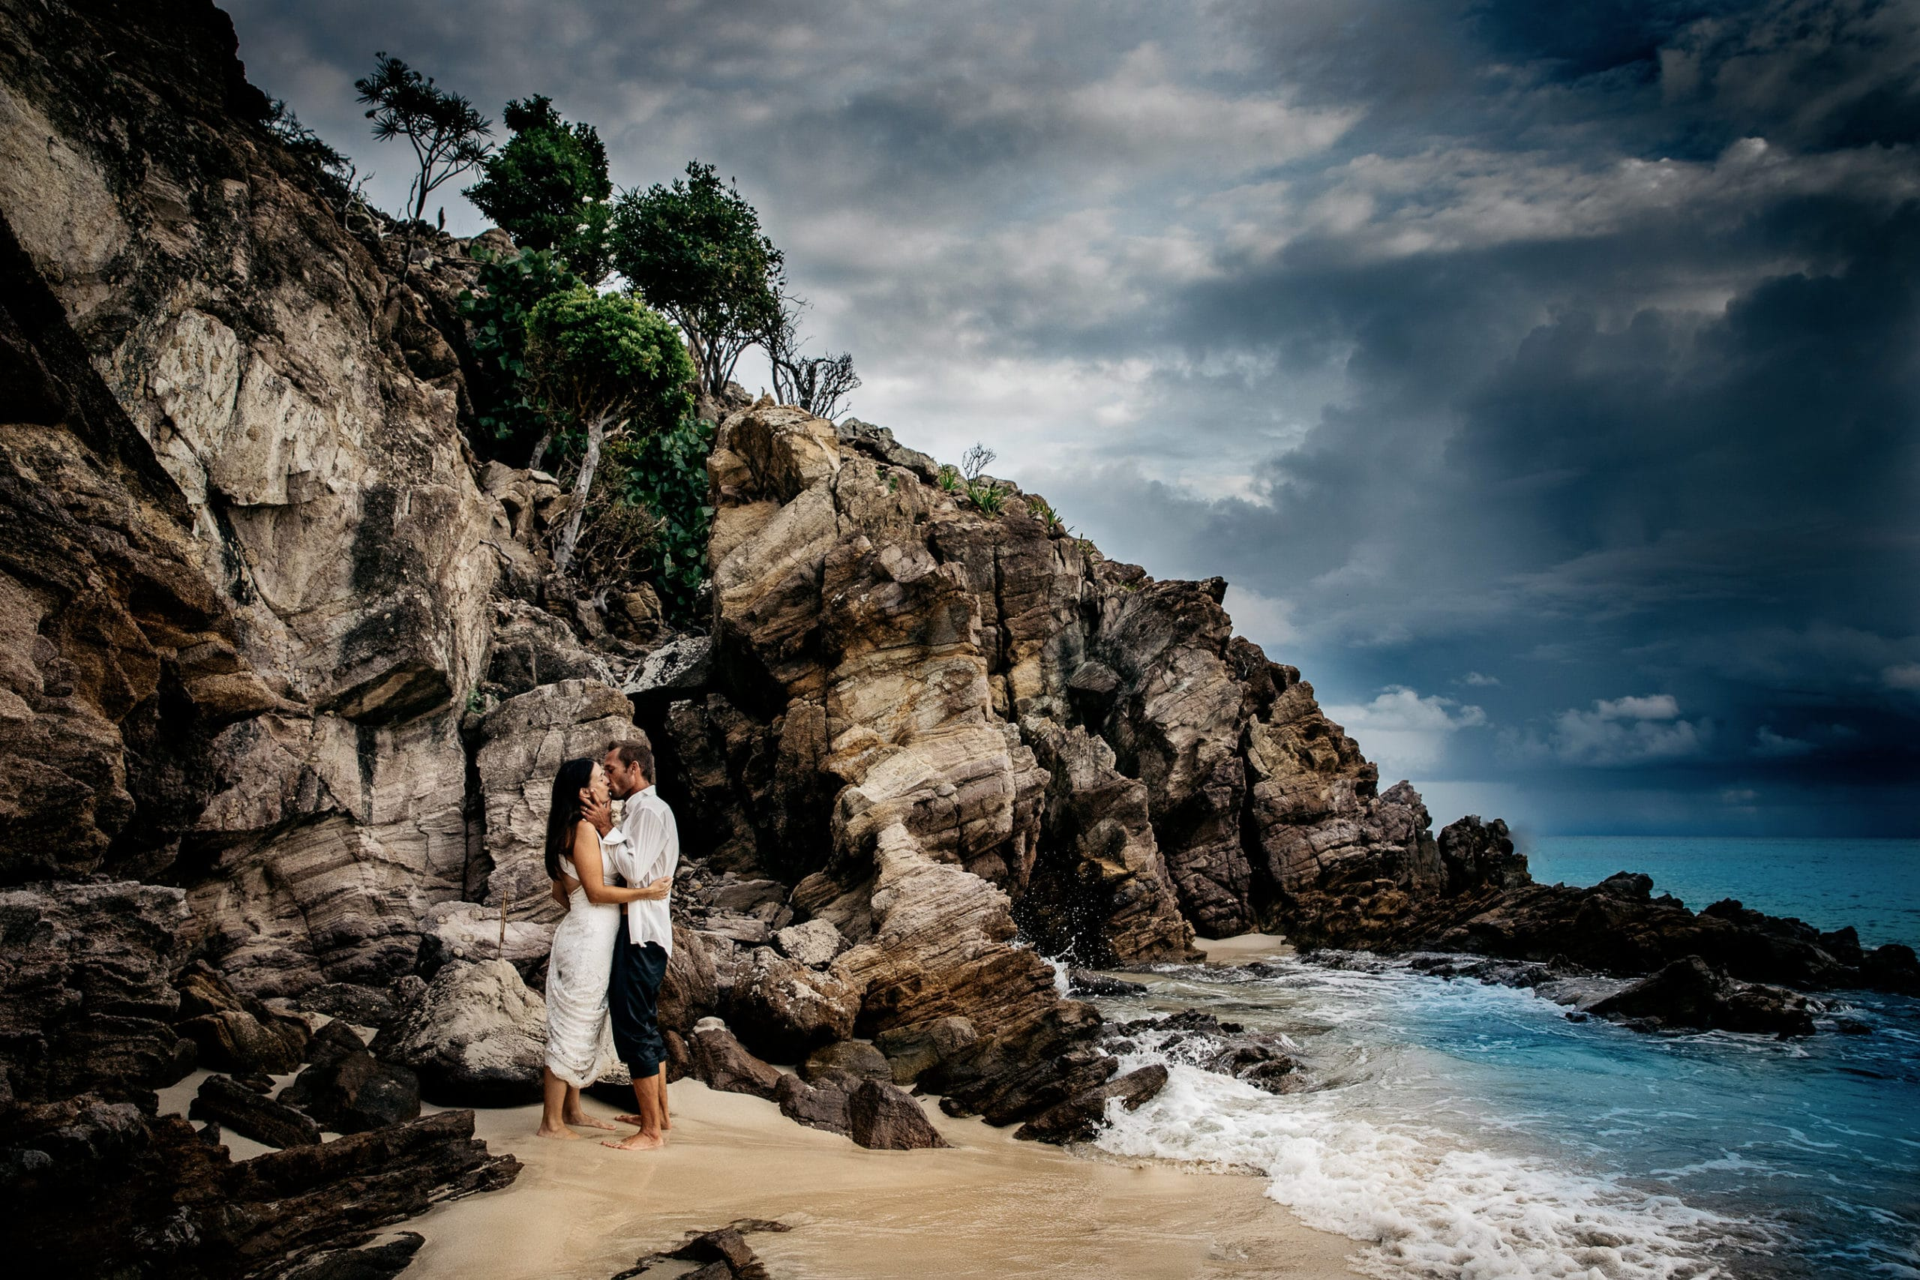 Photographe de mariage Antilles phootgraphe de mariage St barthélémy Séance photo mariage day after photo en tenue de marié après le mariage